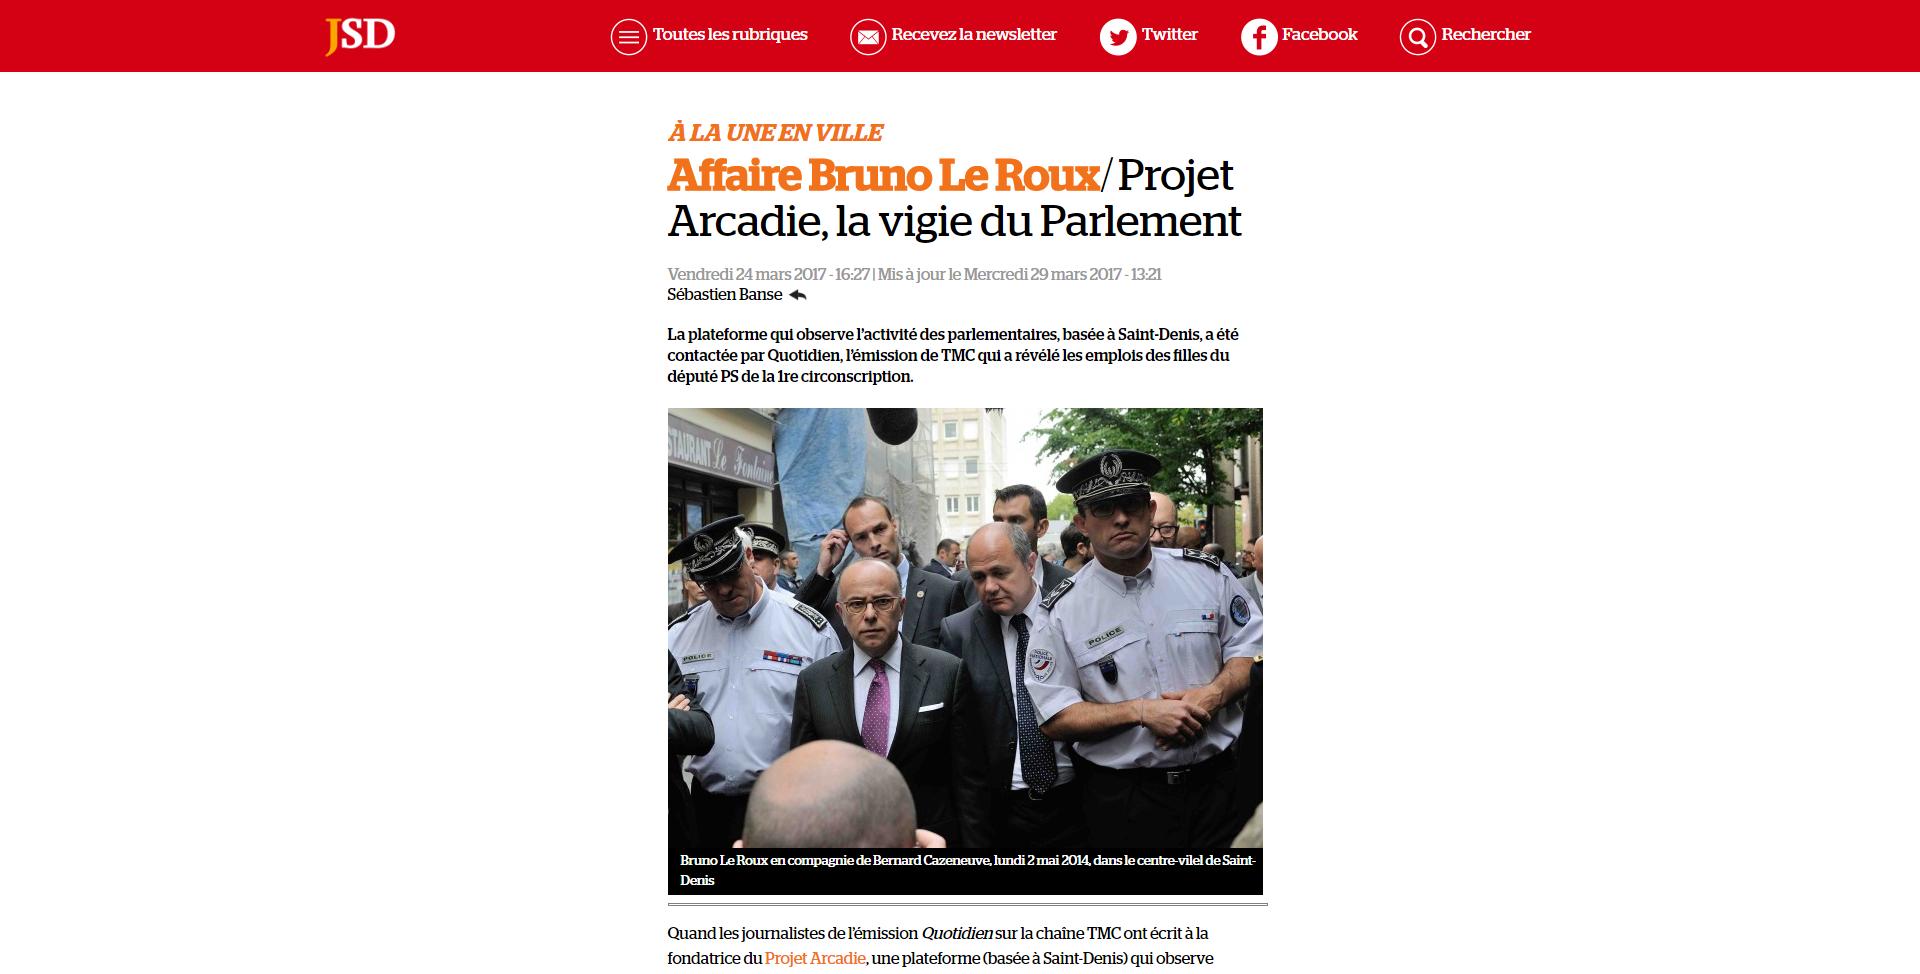 Le JSD, Le Roux et Projet Arcadie